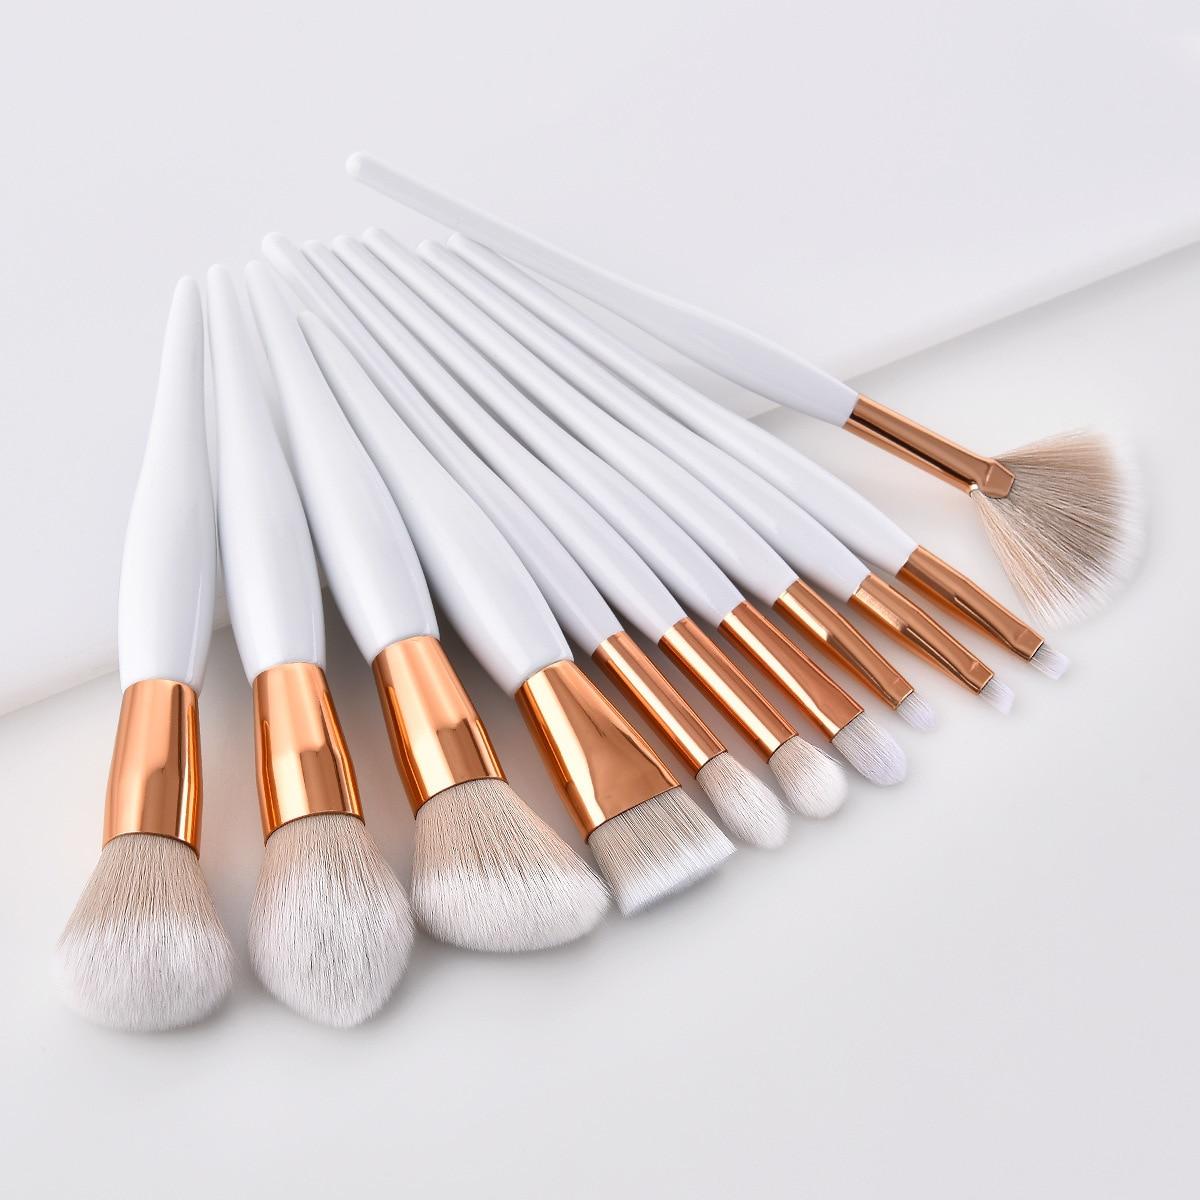 Профессиональные отдельные Кисточки для макияжа, высокое качество, тени для век, бровей, губ, пудра, основа, Кисть для макияжа, косметический карандаш, кисть